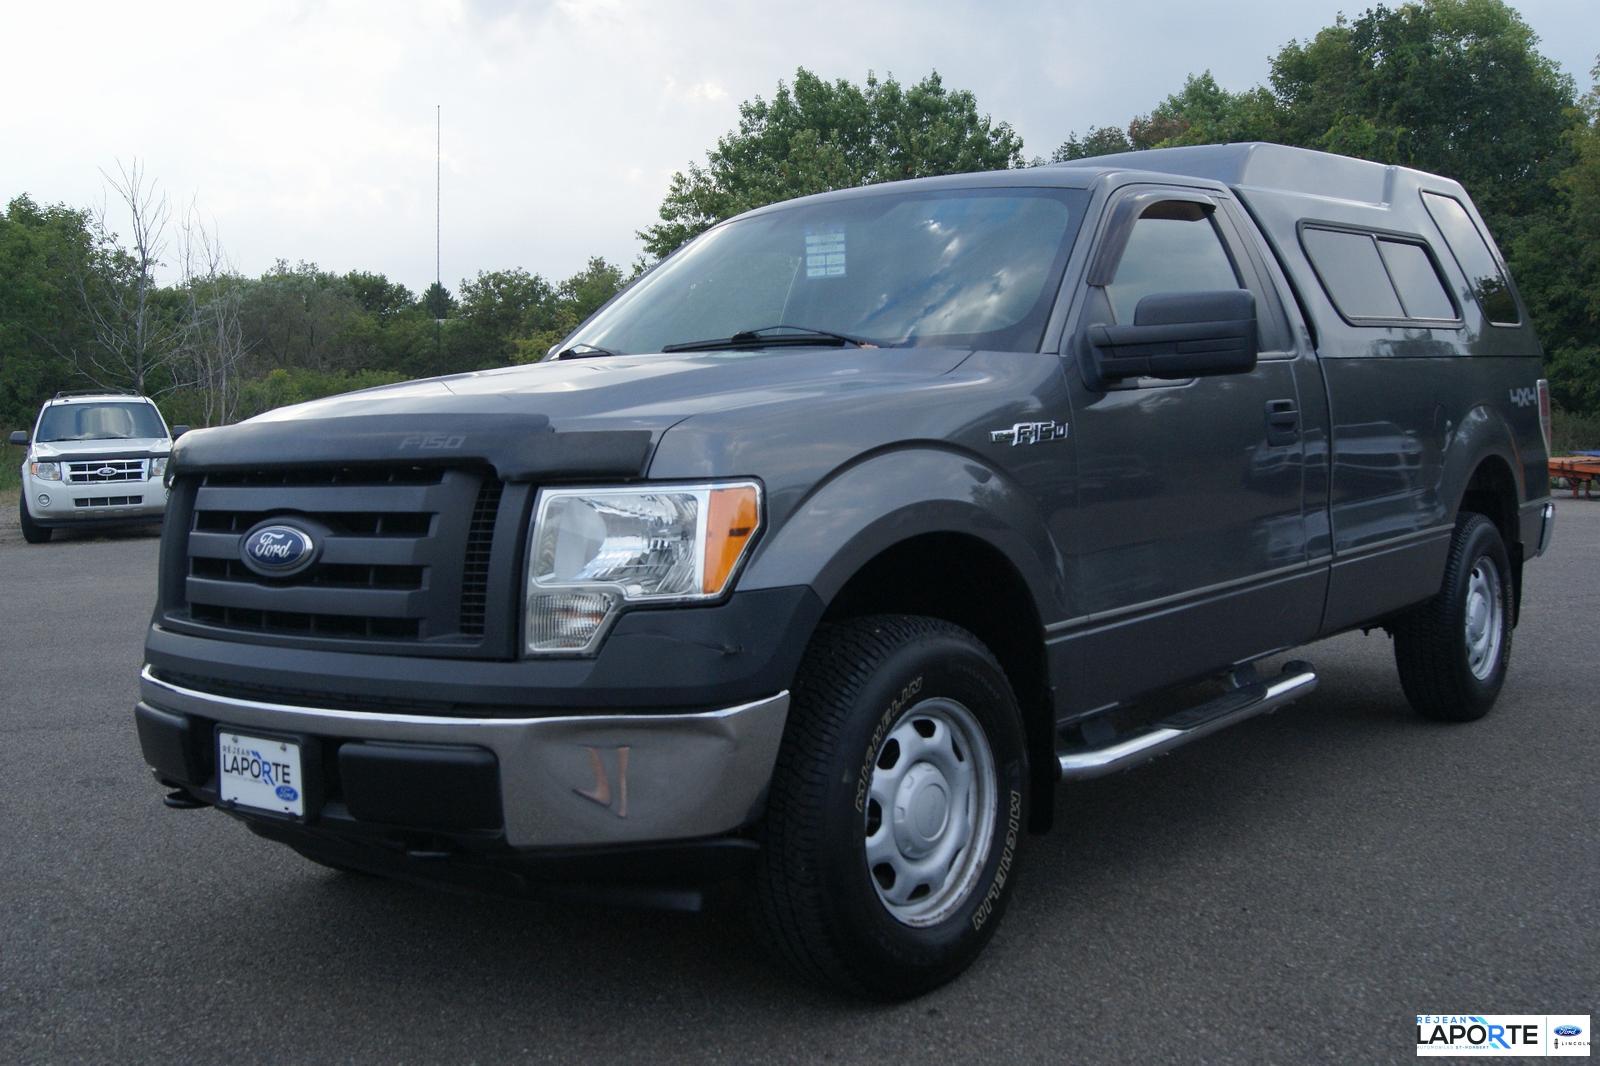 Ford F-150 2010 XL #17724B